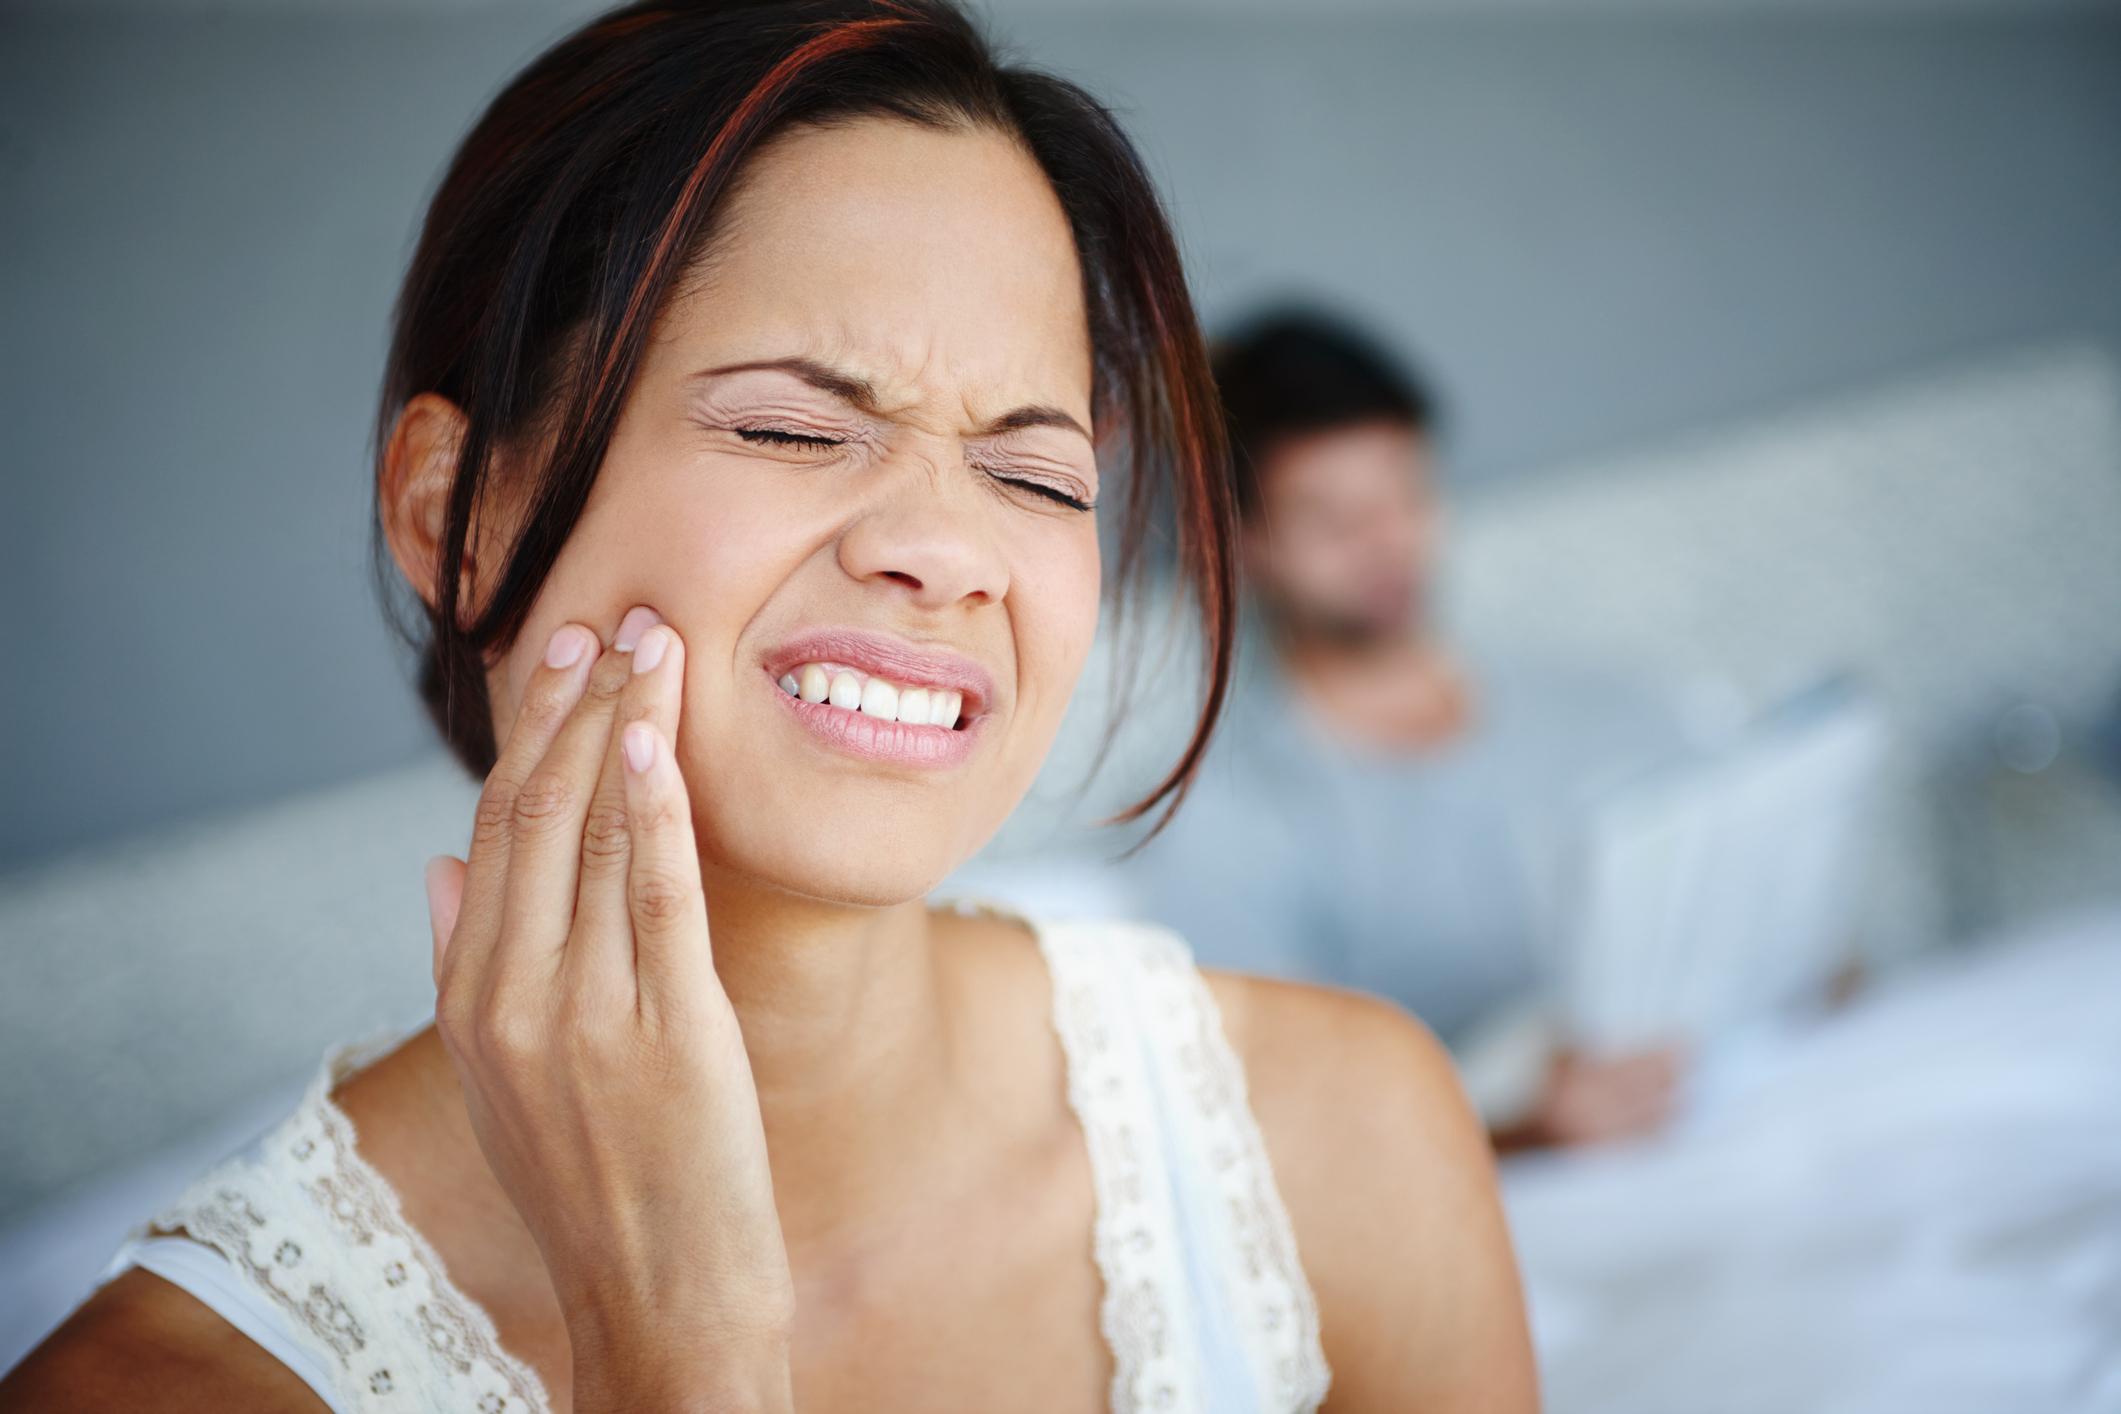 Causes of Sensitive Teeth